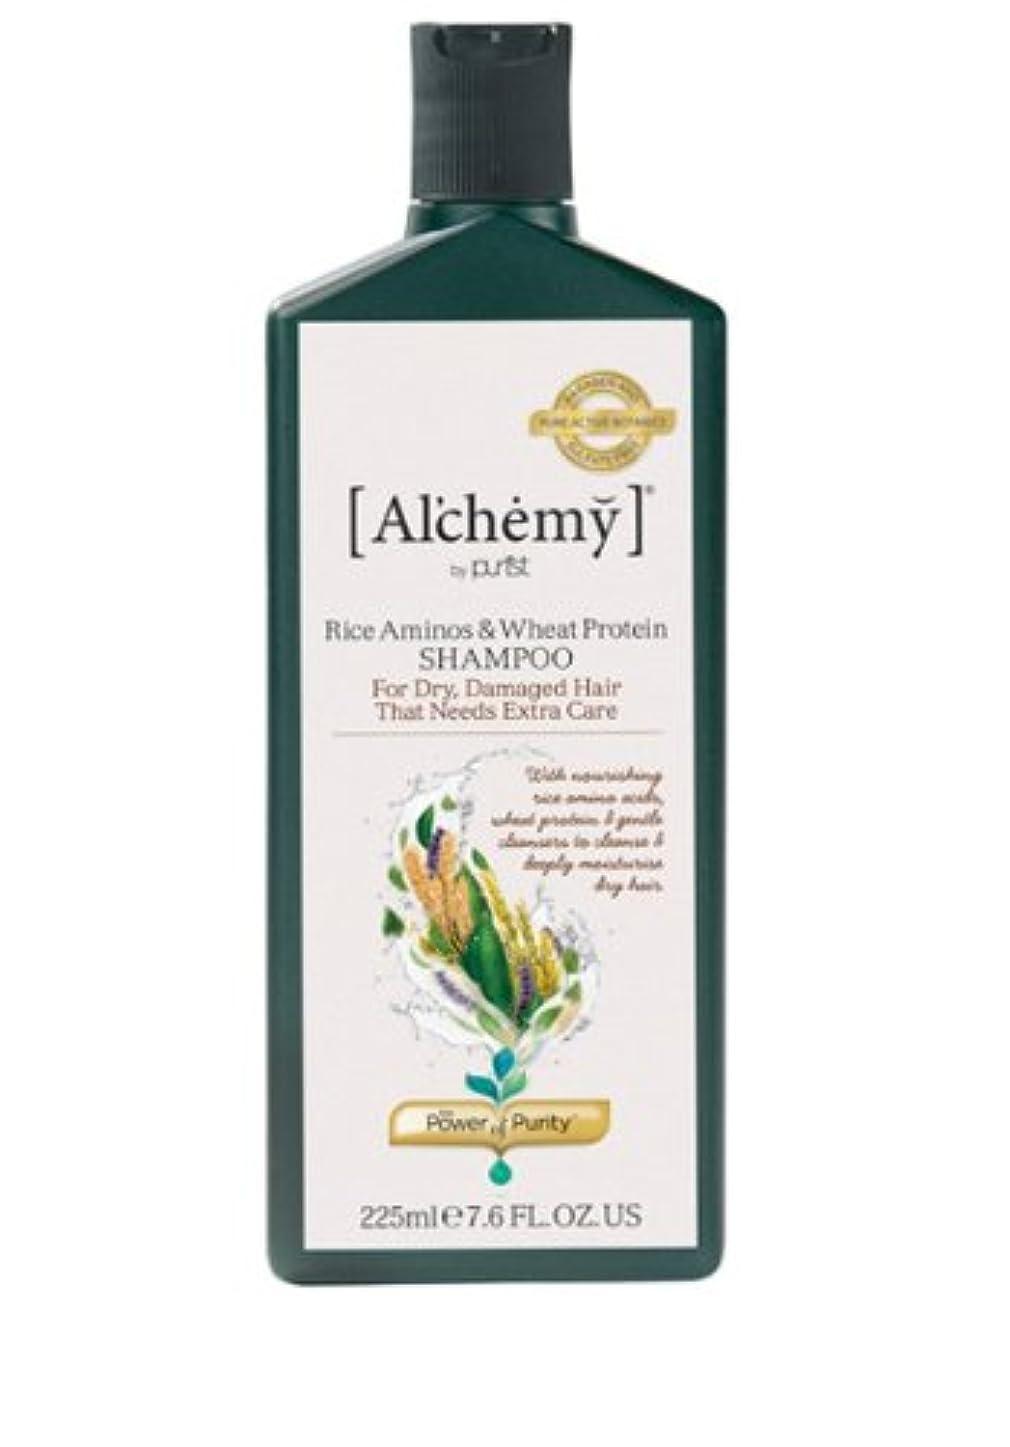 姉妹ブランド美徳【Al'chemy(alchemy)】アルケミー ライス アミノス モイスチャーシャンプー(Rice Aminos-Intensive Moisture Shampoo)(ドライ髪用)225ml